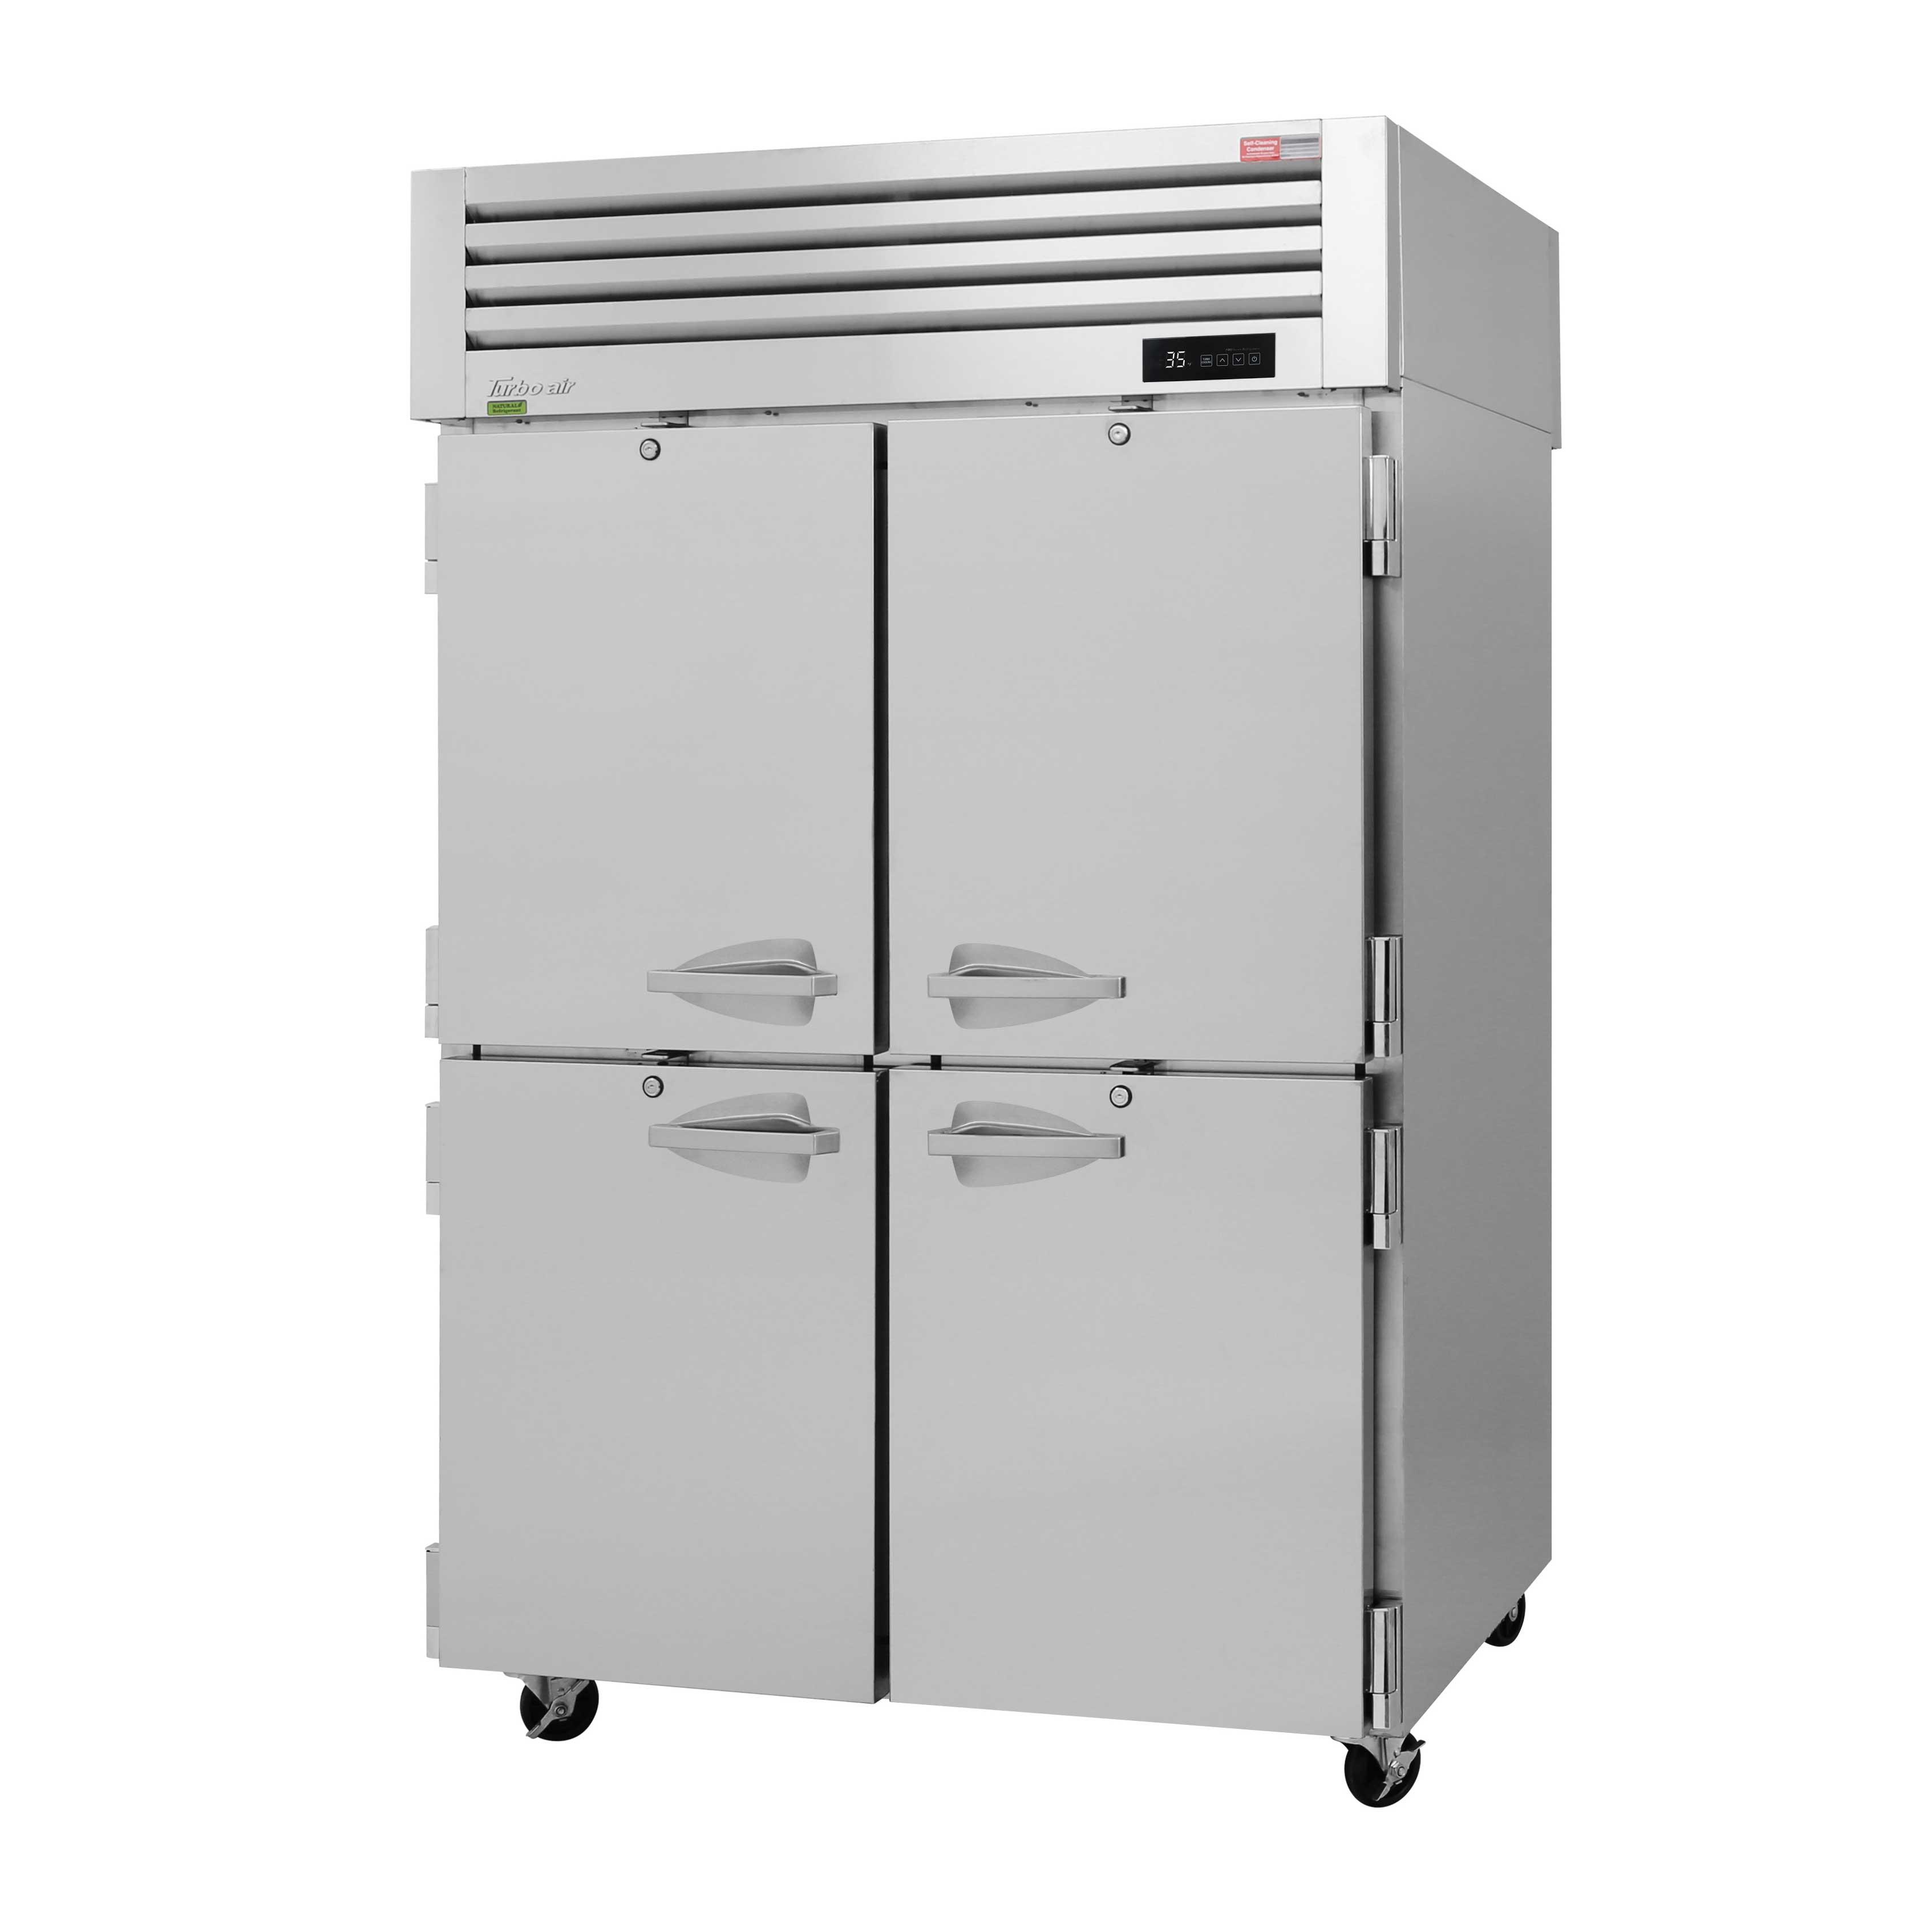 Turbo Air PRO-50-4R-N refrigerator, reach-in